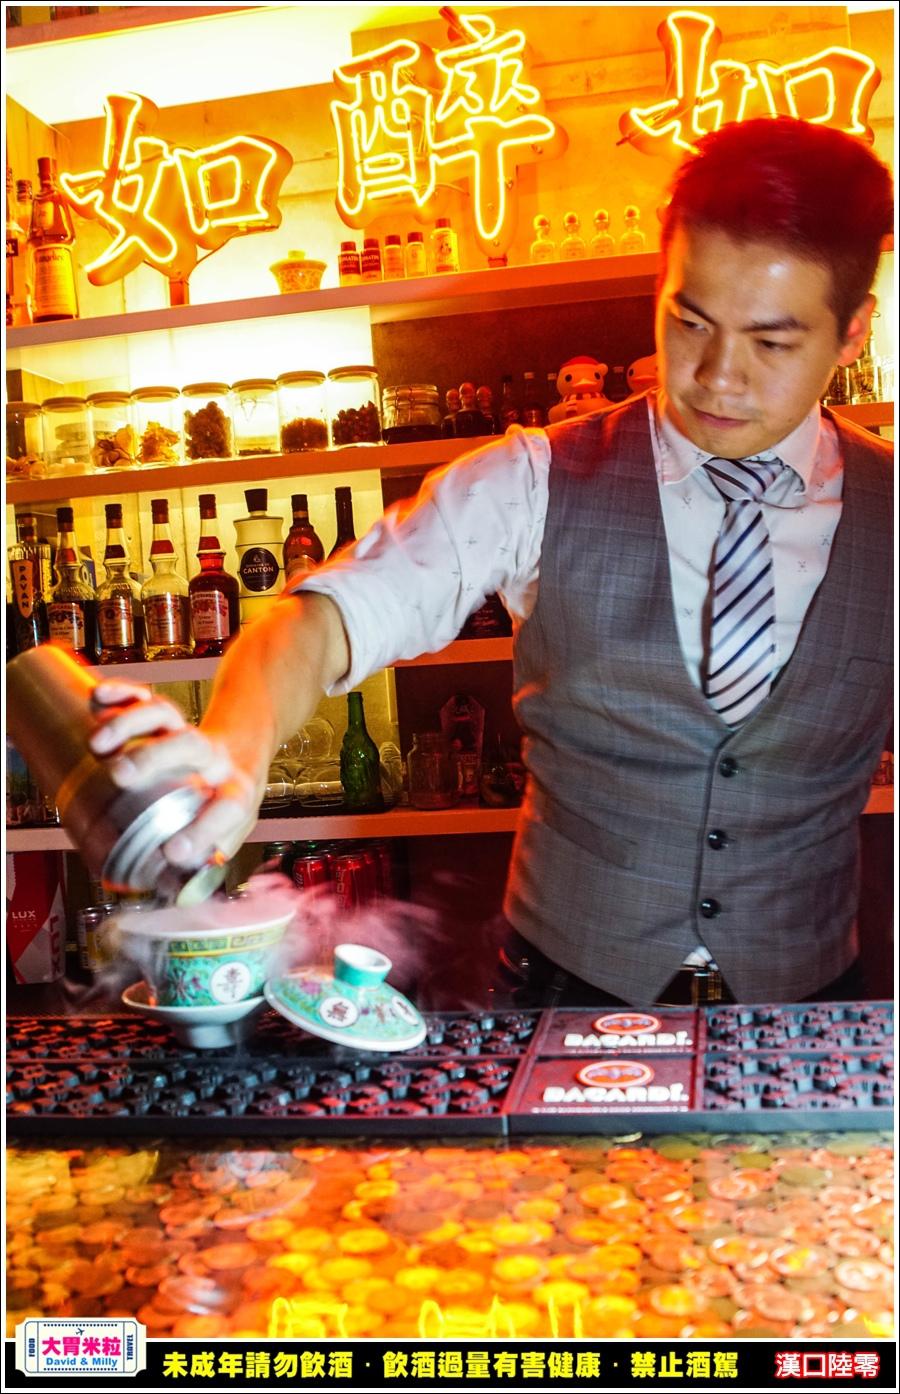 西門町酒吧推薦@HANKO 60 漢口陸零x戰酒金門高粱酒@大胃米粒0042.jpg